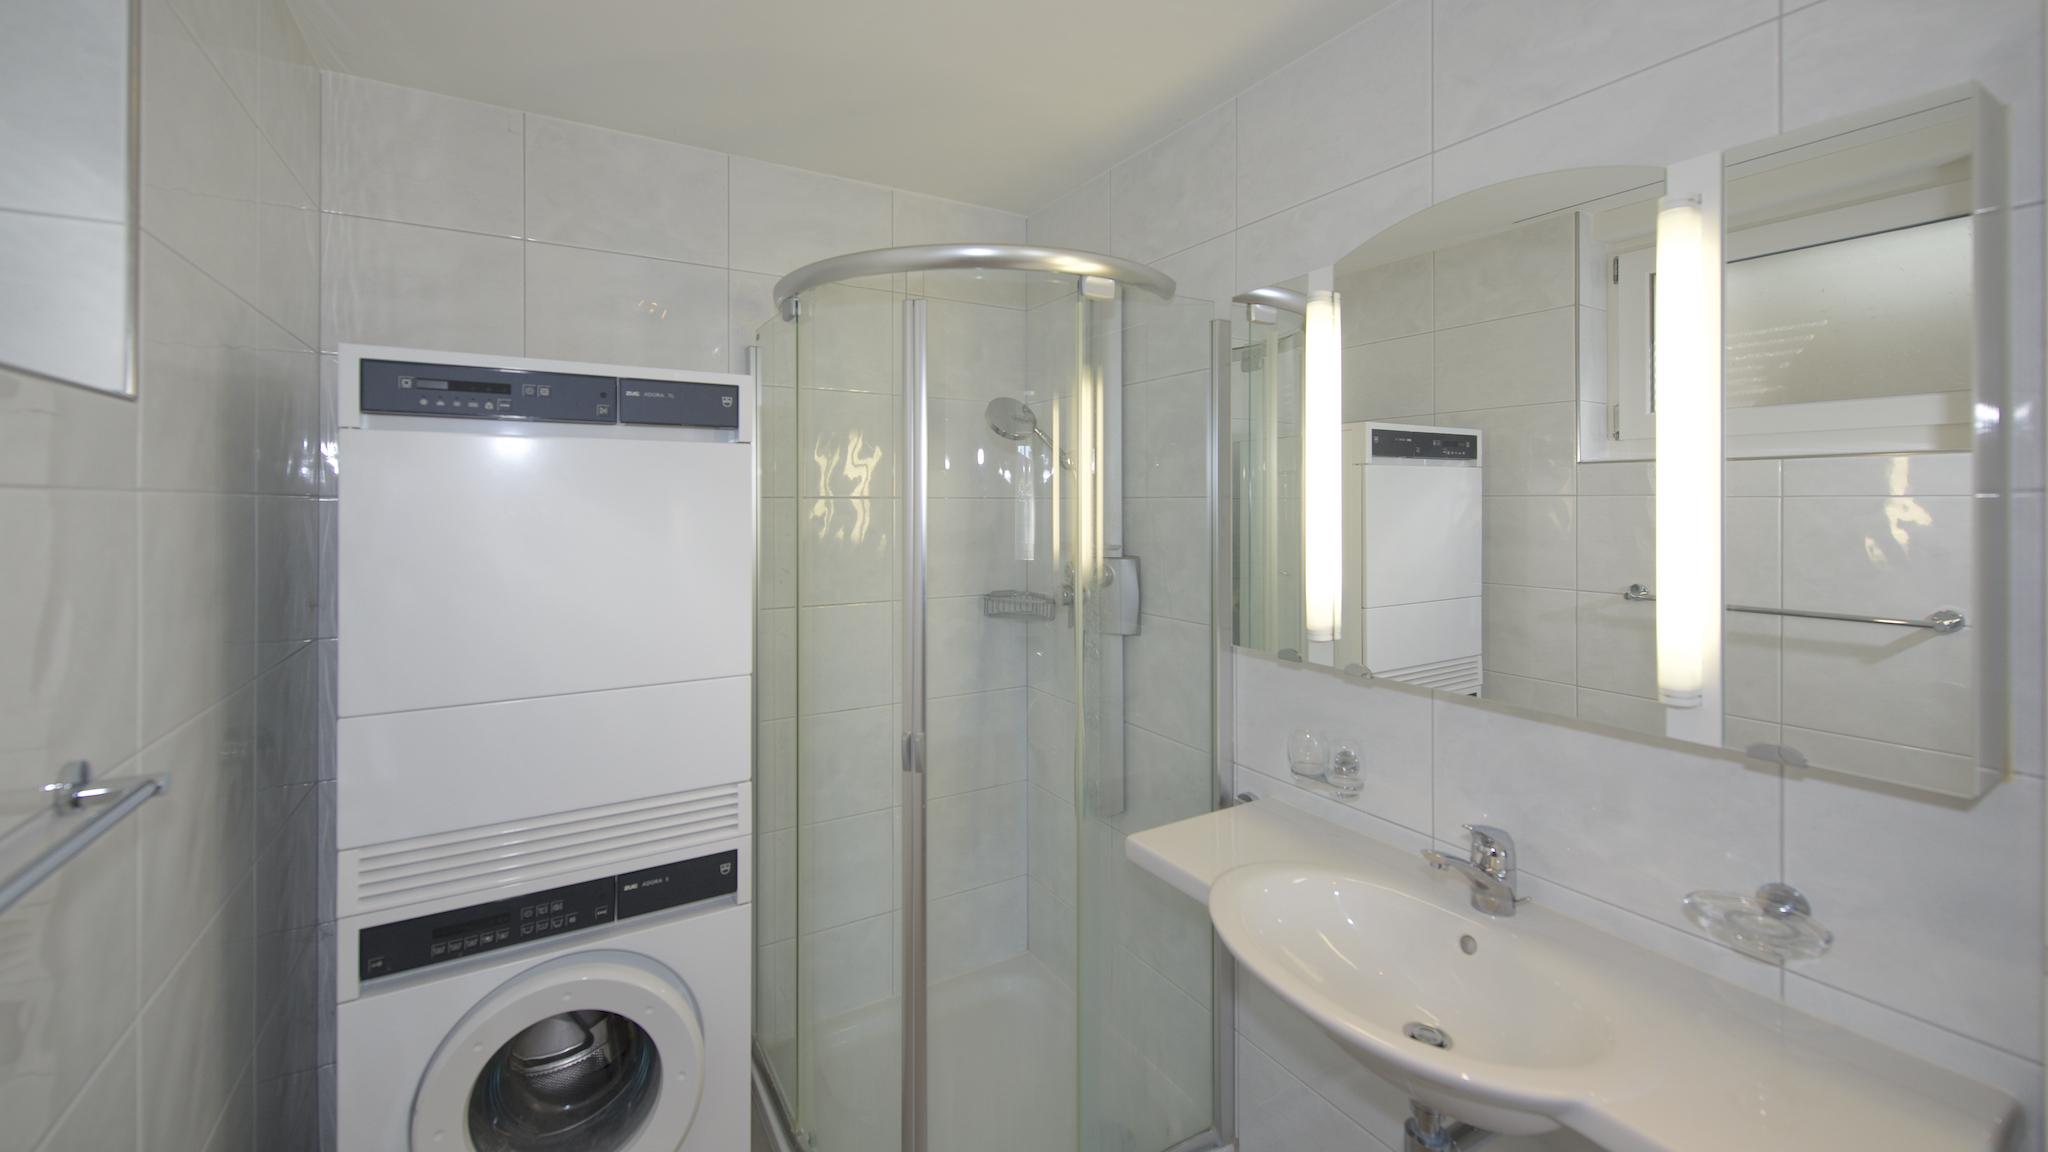 Bad mit dem Waschturm und einem Closomat